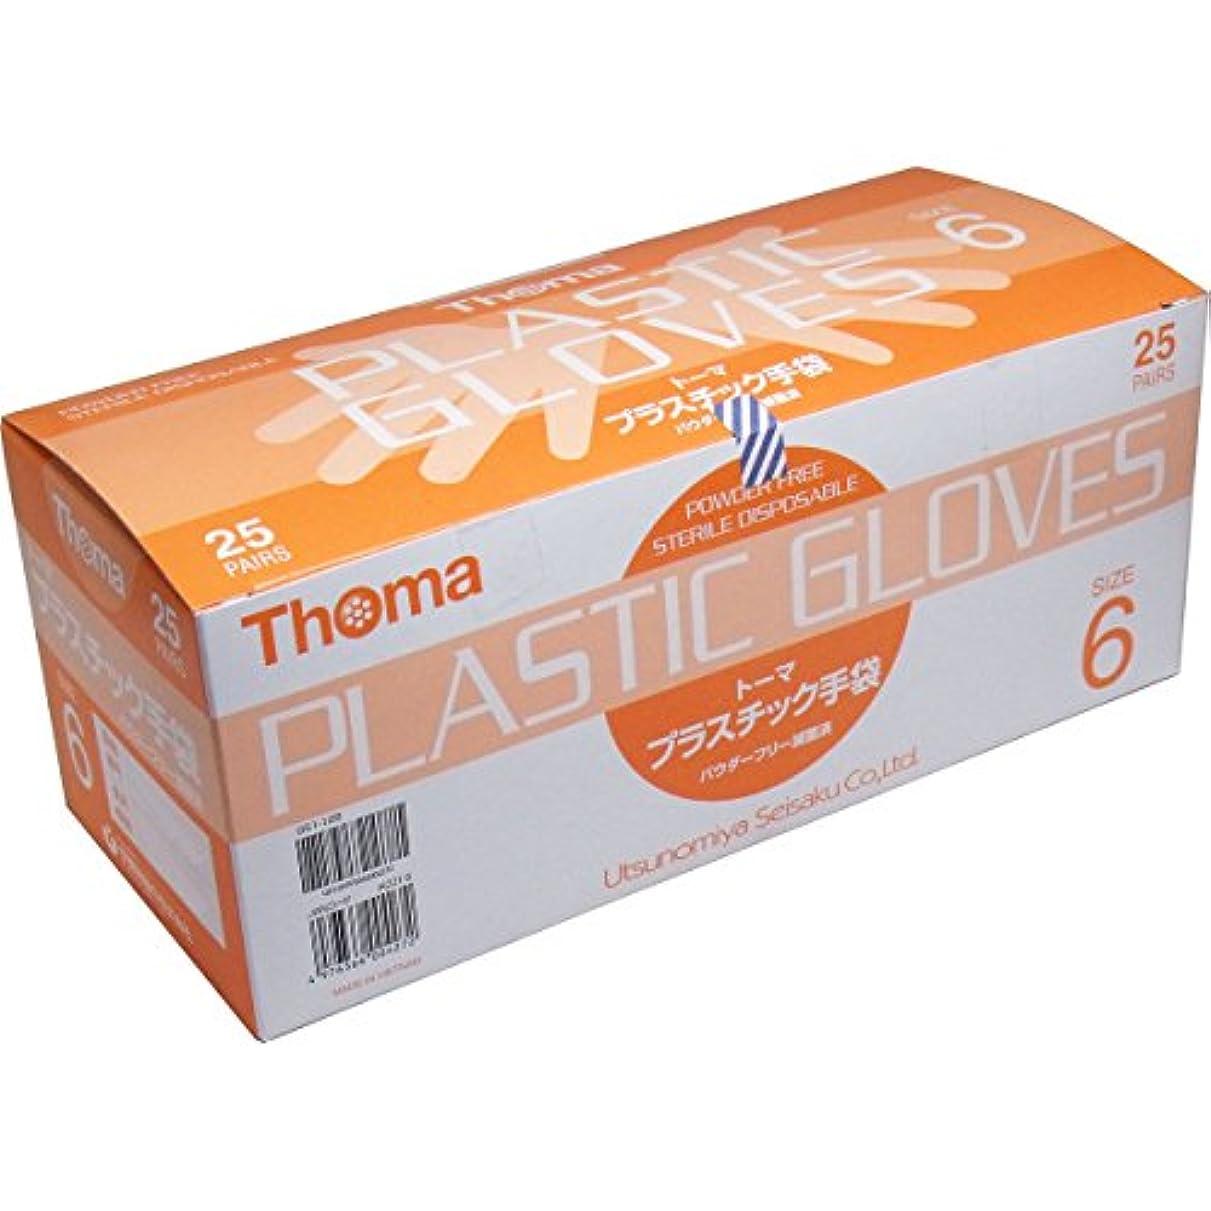 たとえ専門用語ブレイズ超薄手プラスチック手袋 超薄手仕上げ 使いやすい トーマ プラスチック手袋 パウダーフリー滅菌済 25双入 サイズ6【4個セット】